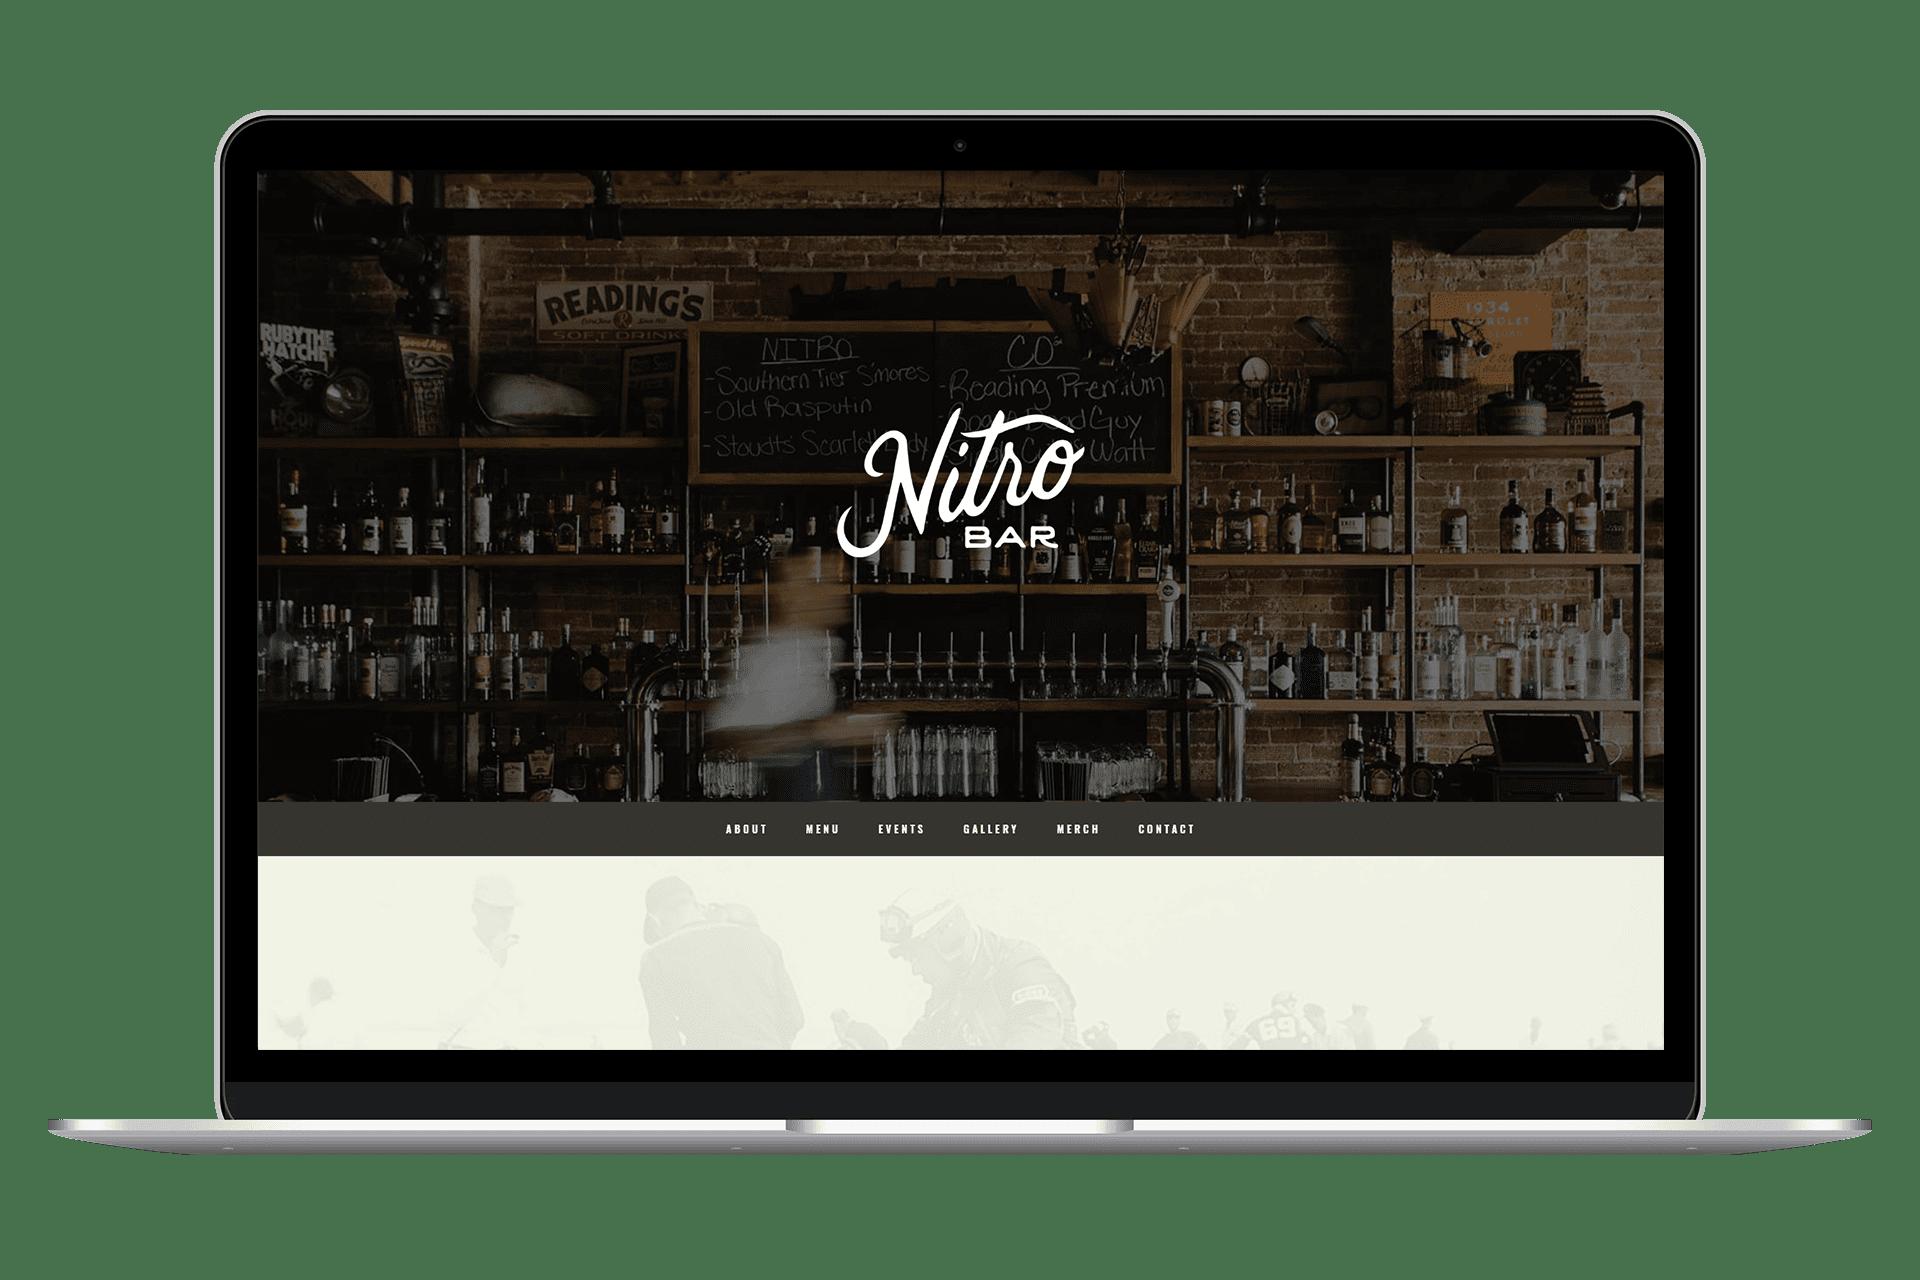 Nitro Bar, West Reading